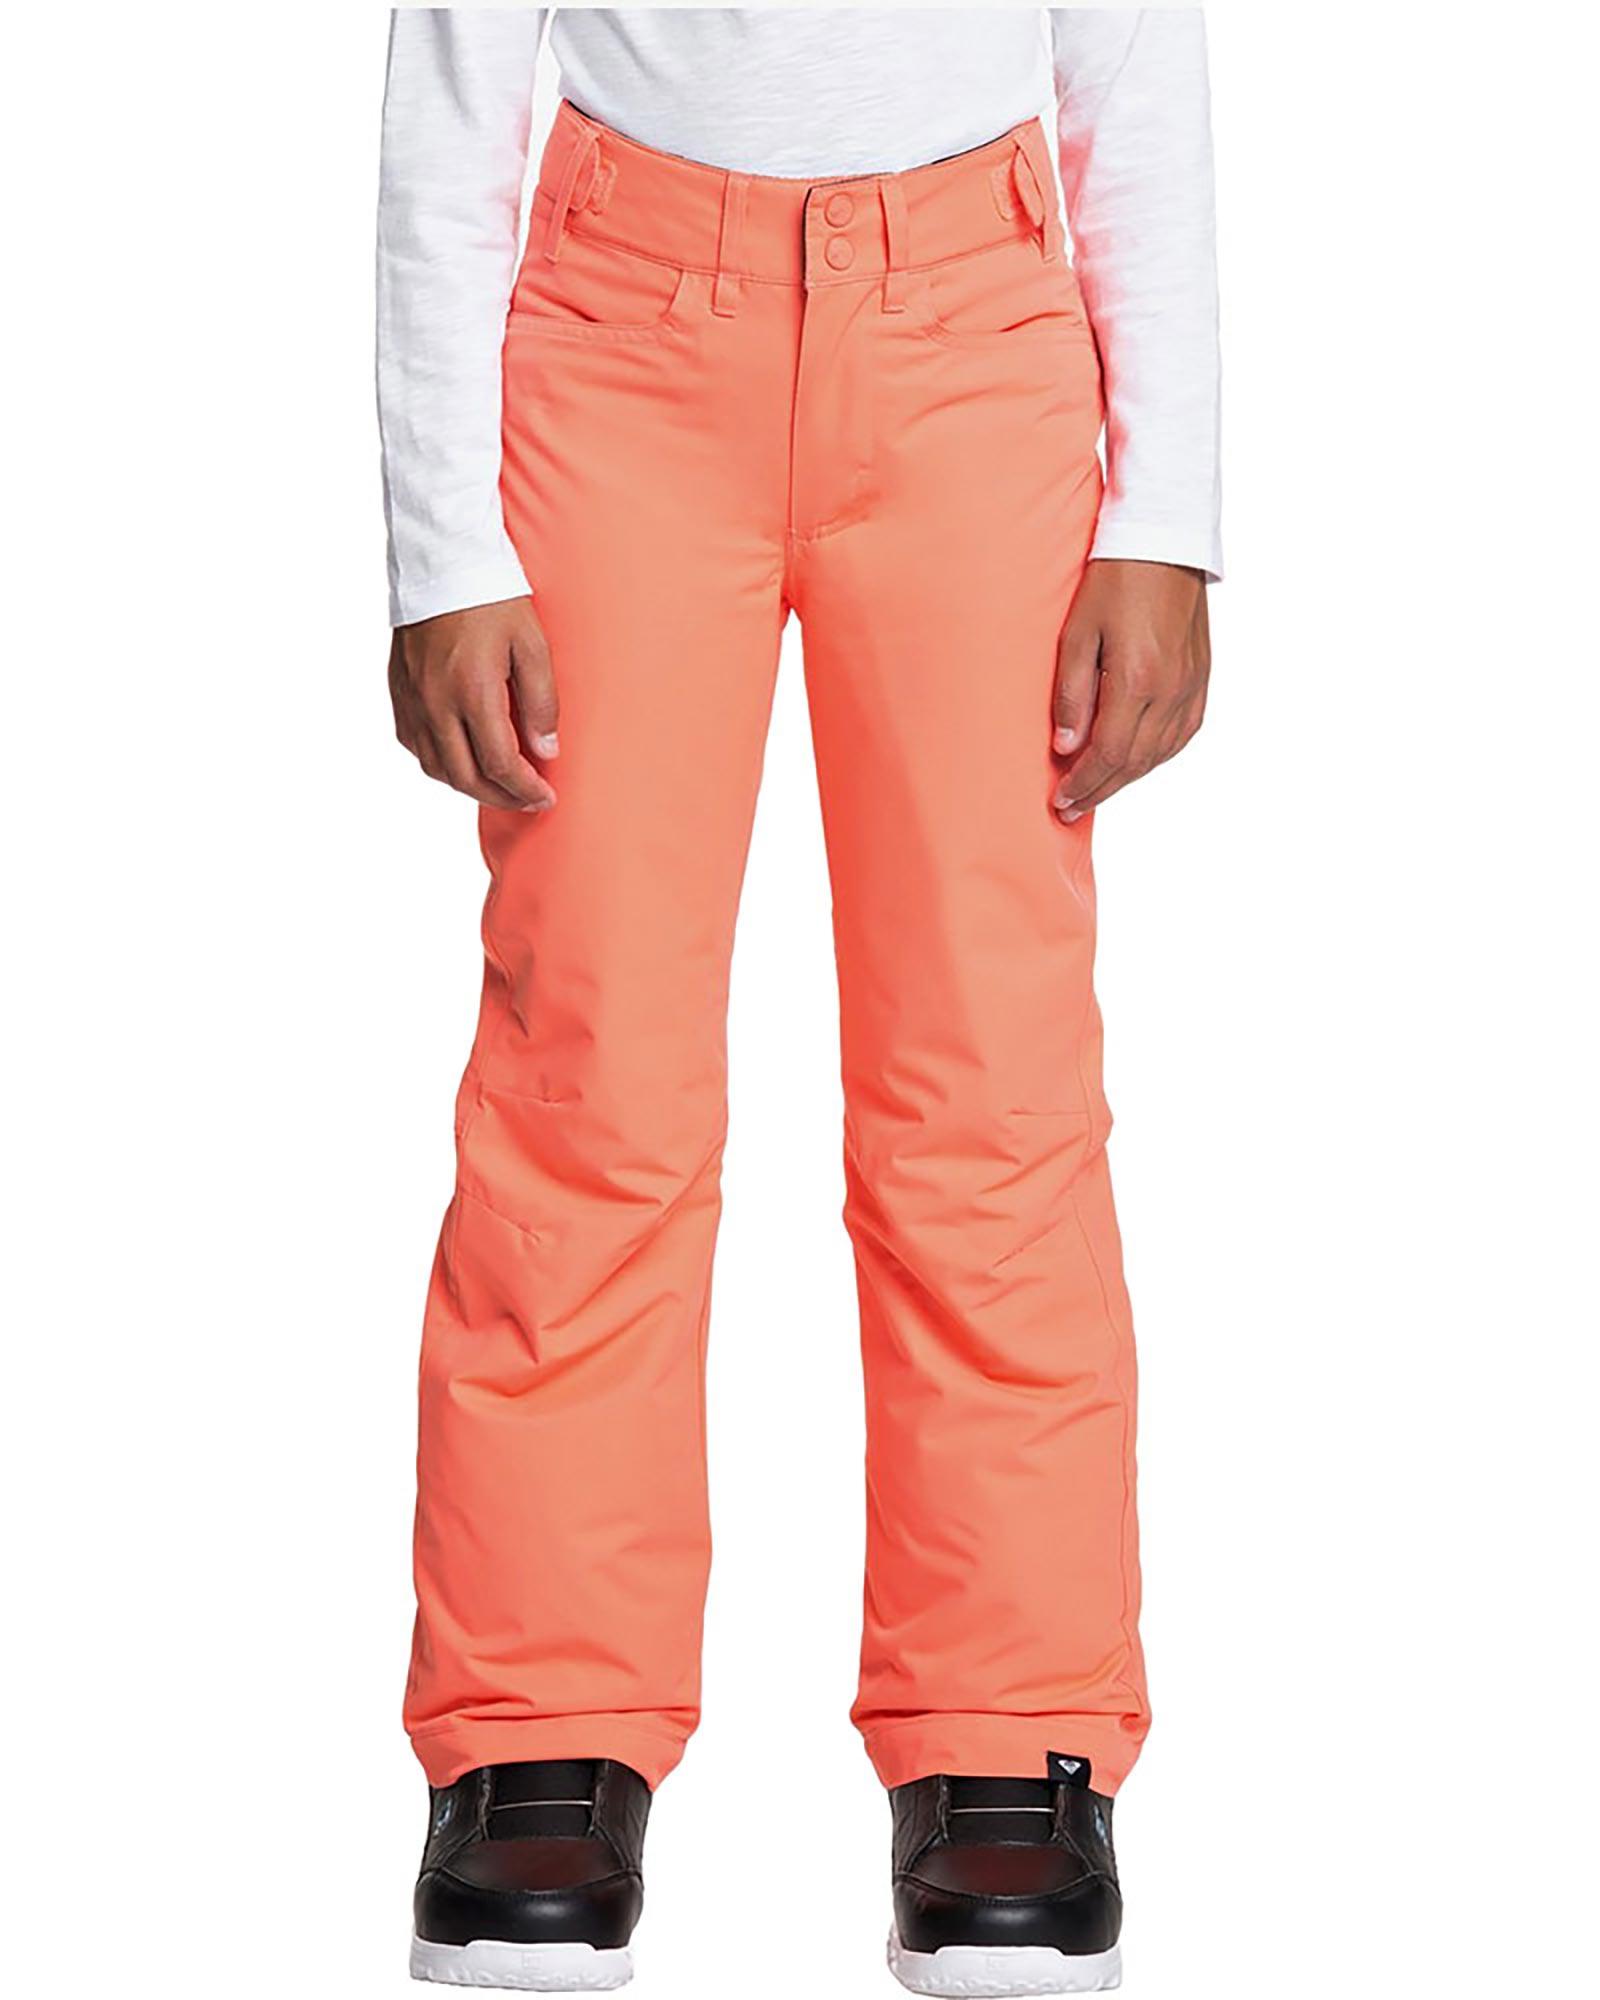 Product image of Roxy Backyard Girls' Pants K14+